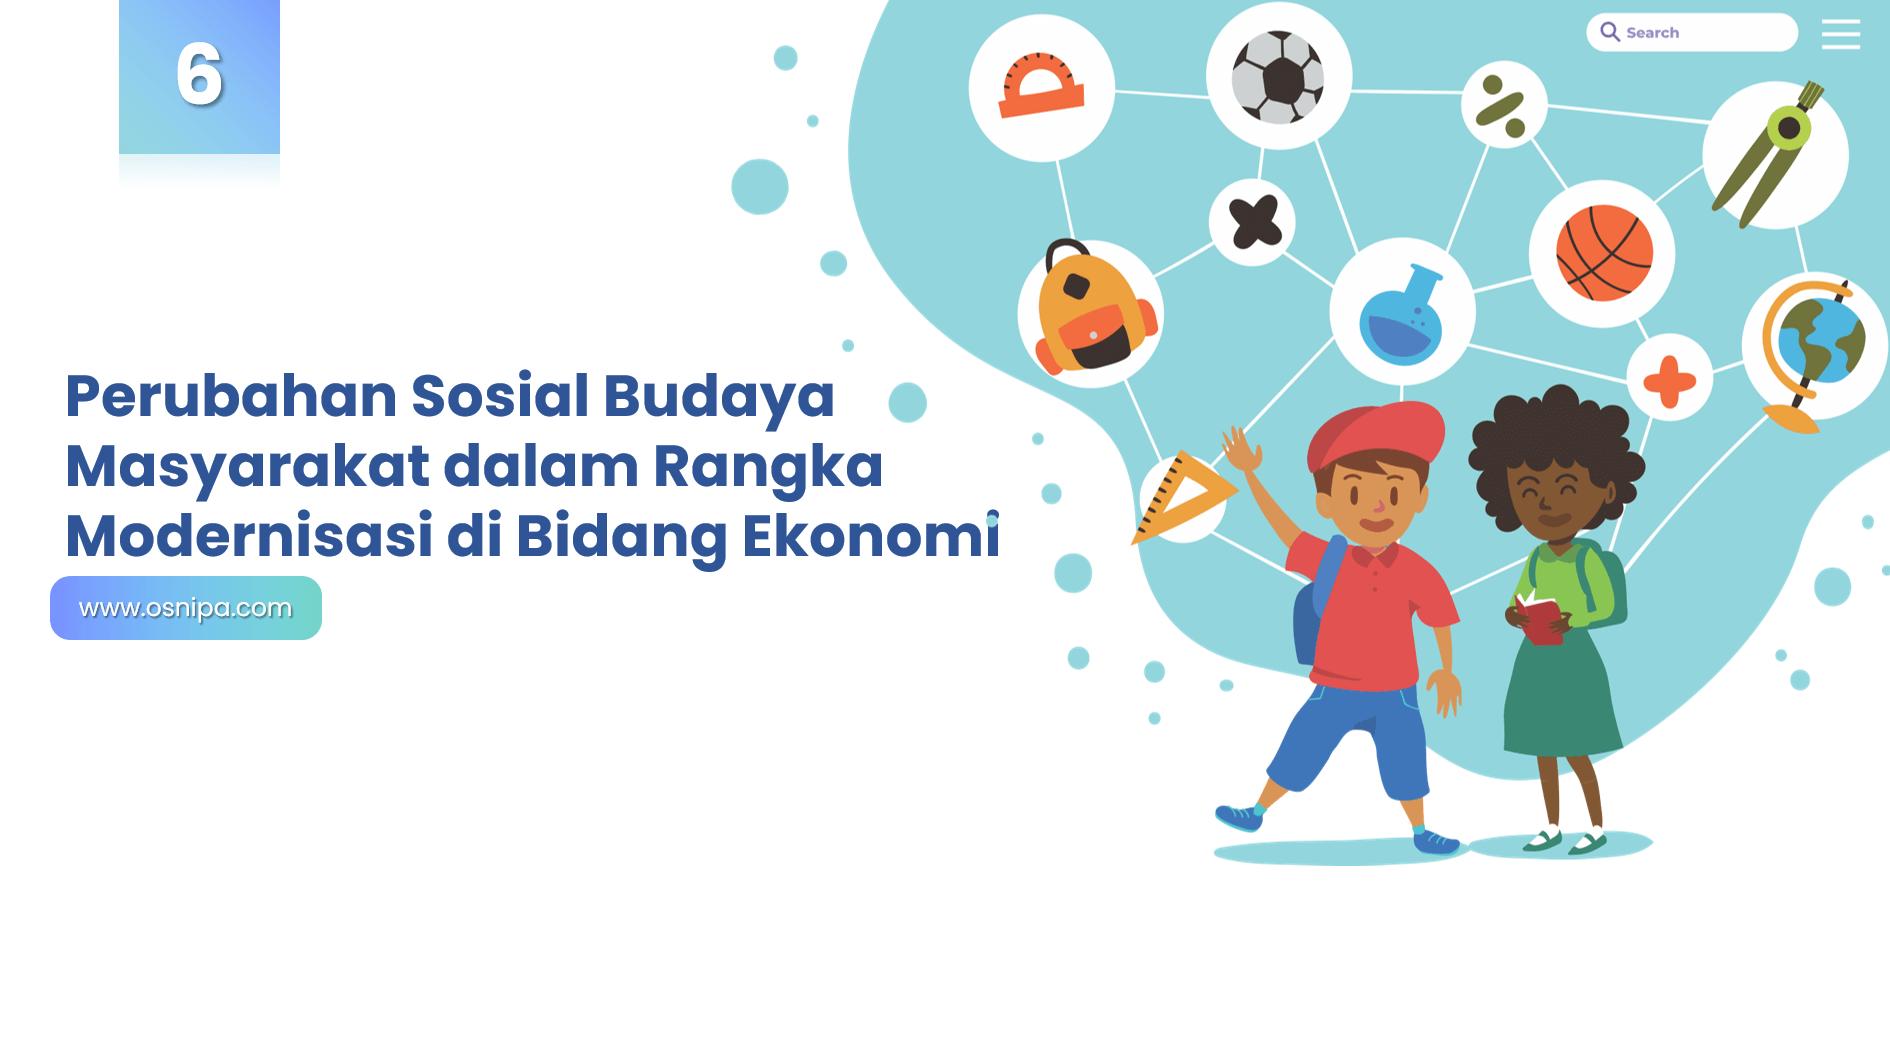 Perubahan Sosial Budaya Masyarakat dalam Rangka Modernisasi di Bidang Ekonomi